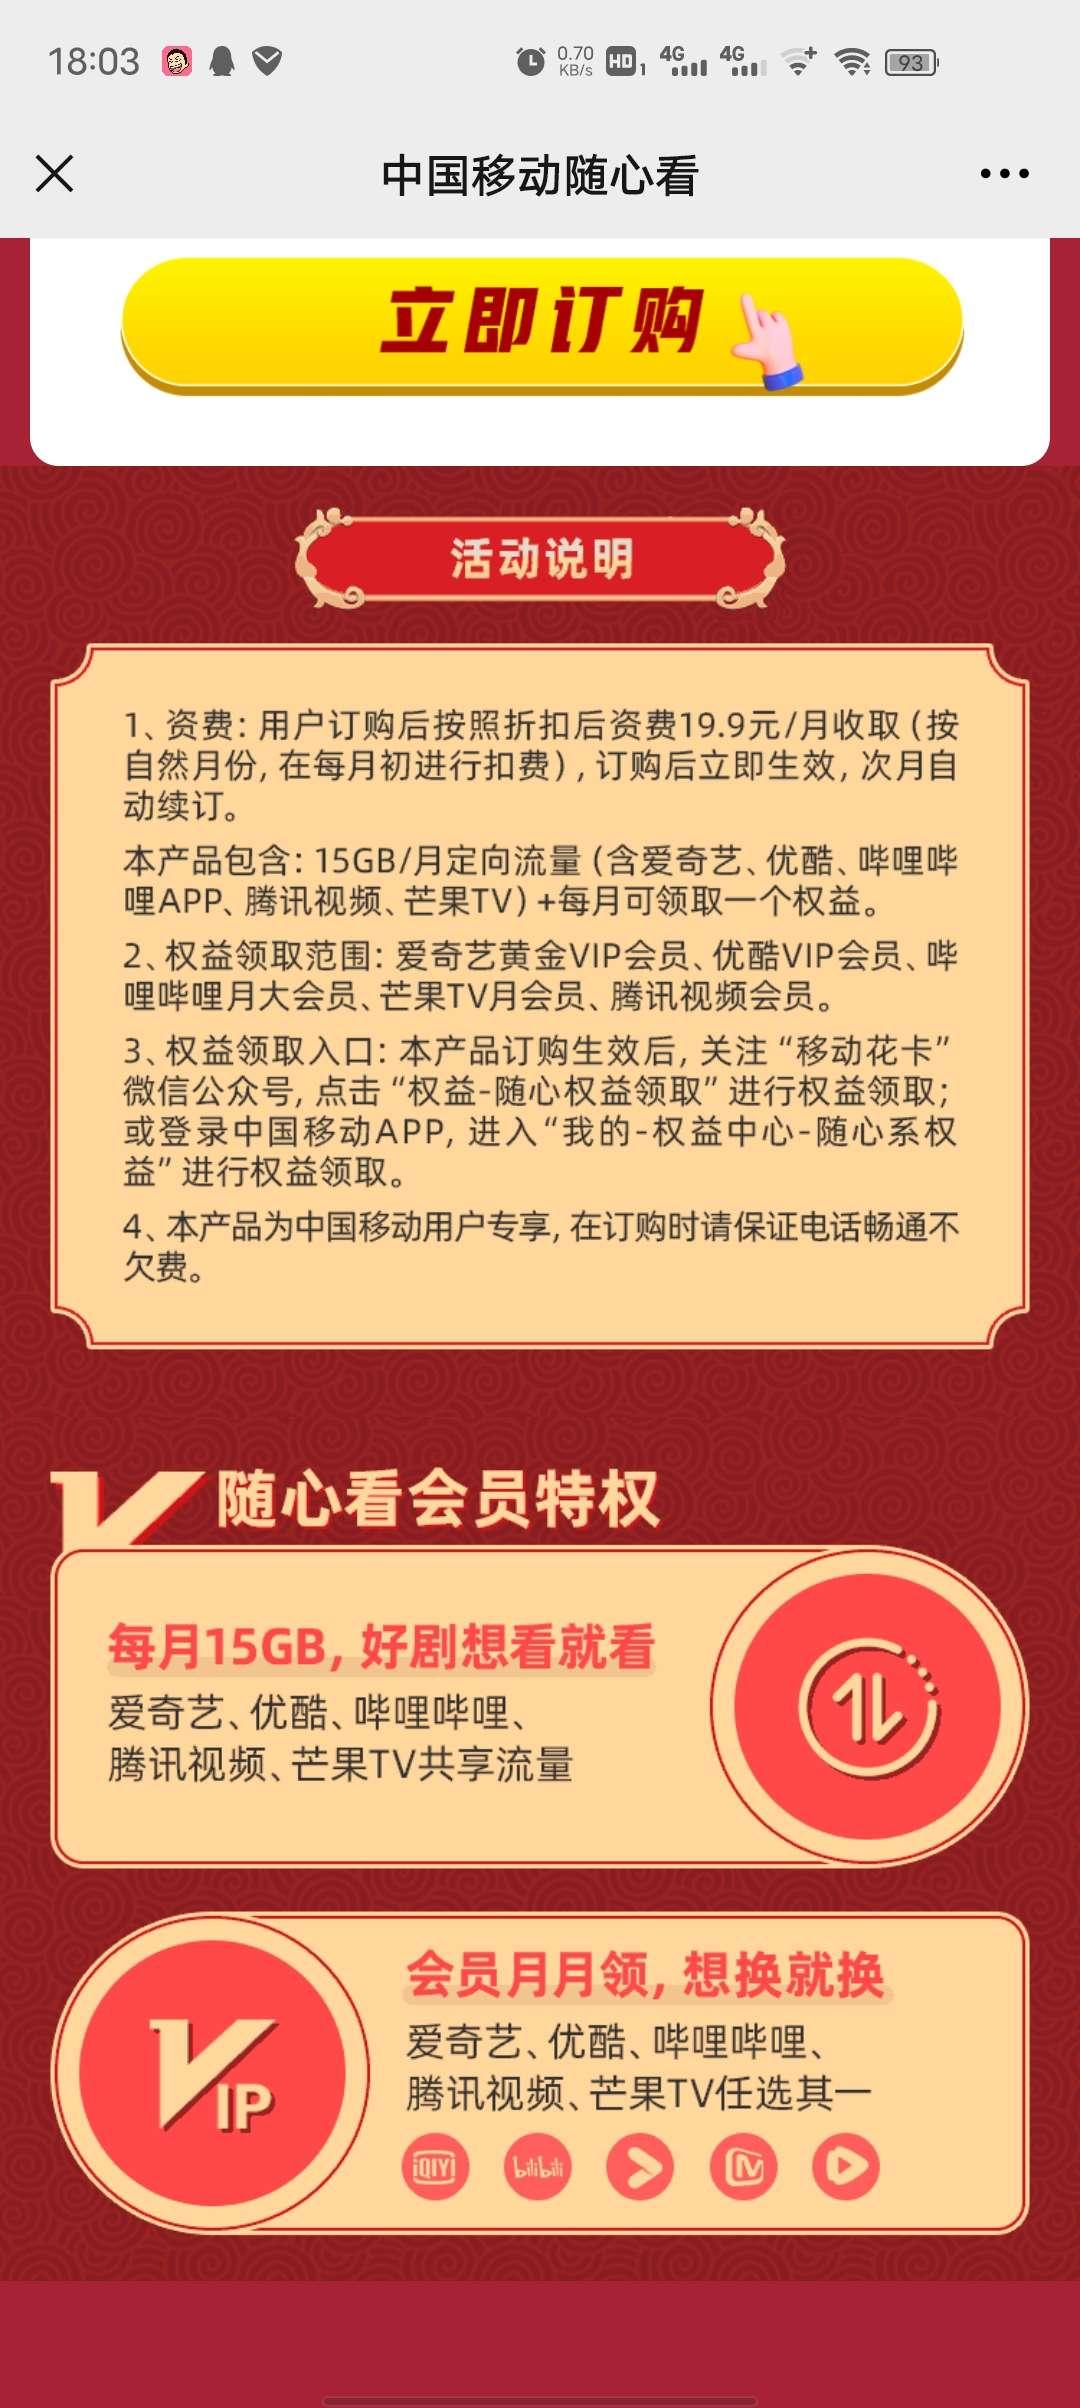 中国移动撸视频会员